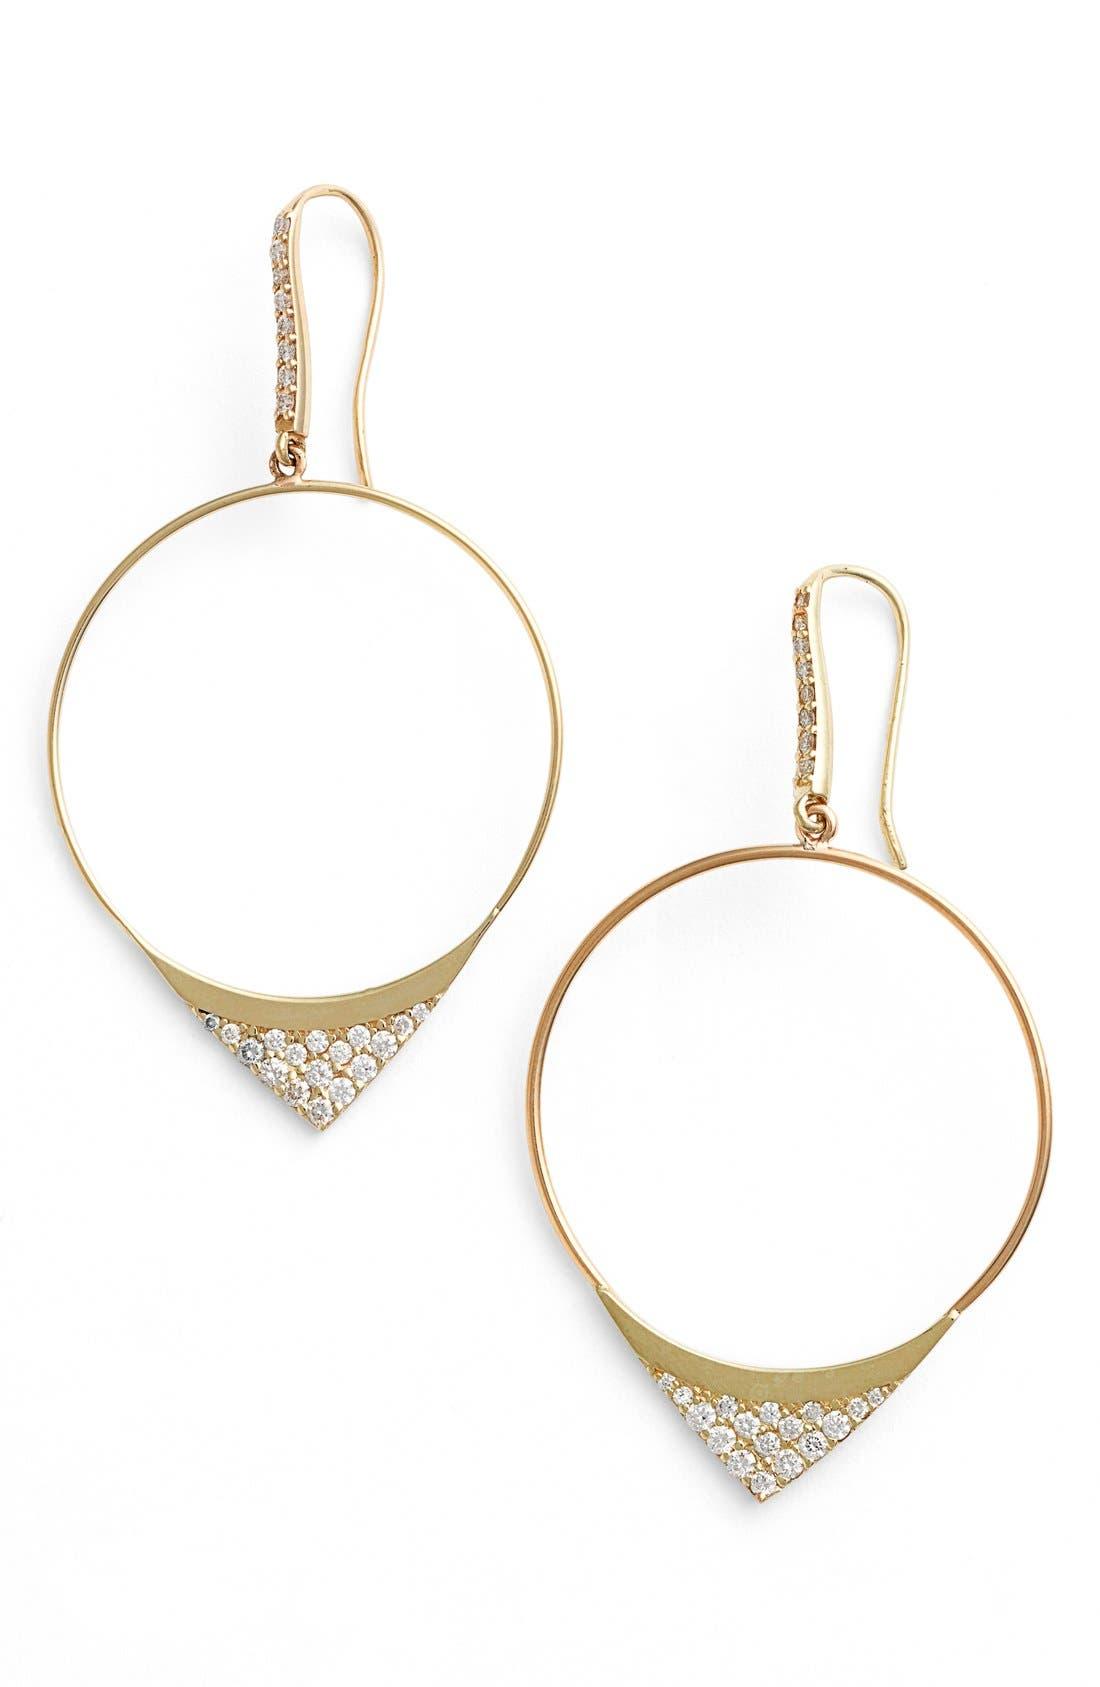 Alternate Image 1 Selected - Lana Jewelry 'Elite - Electric Flawless' Small Hoop Drop Earrings